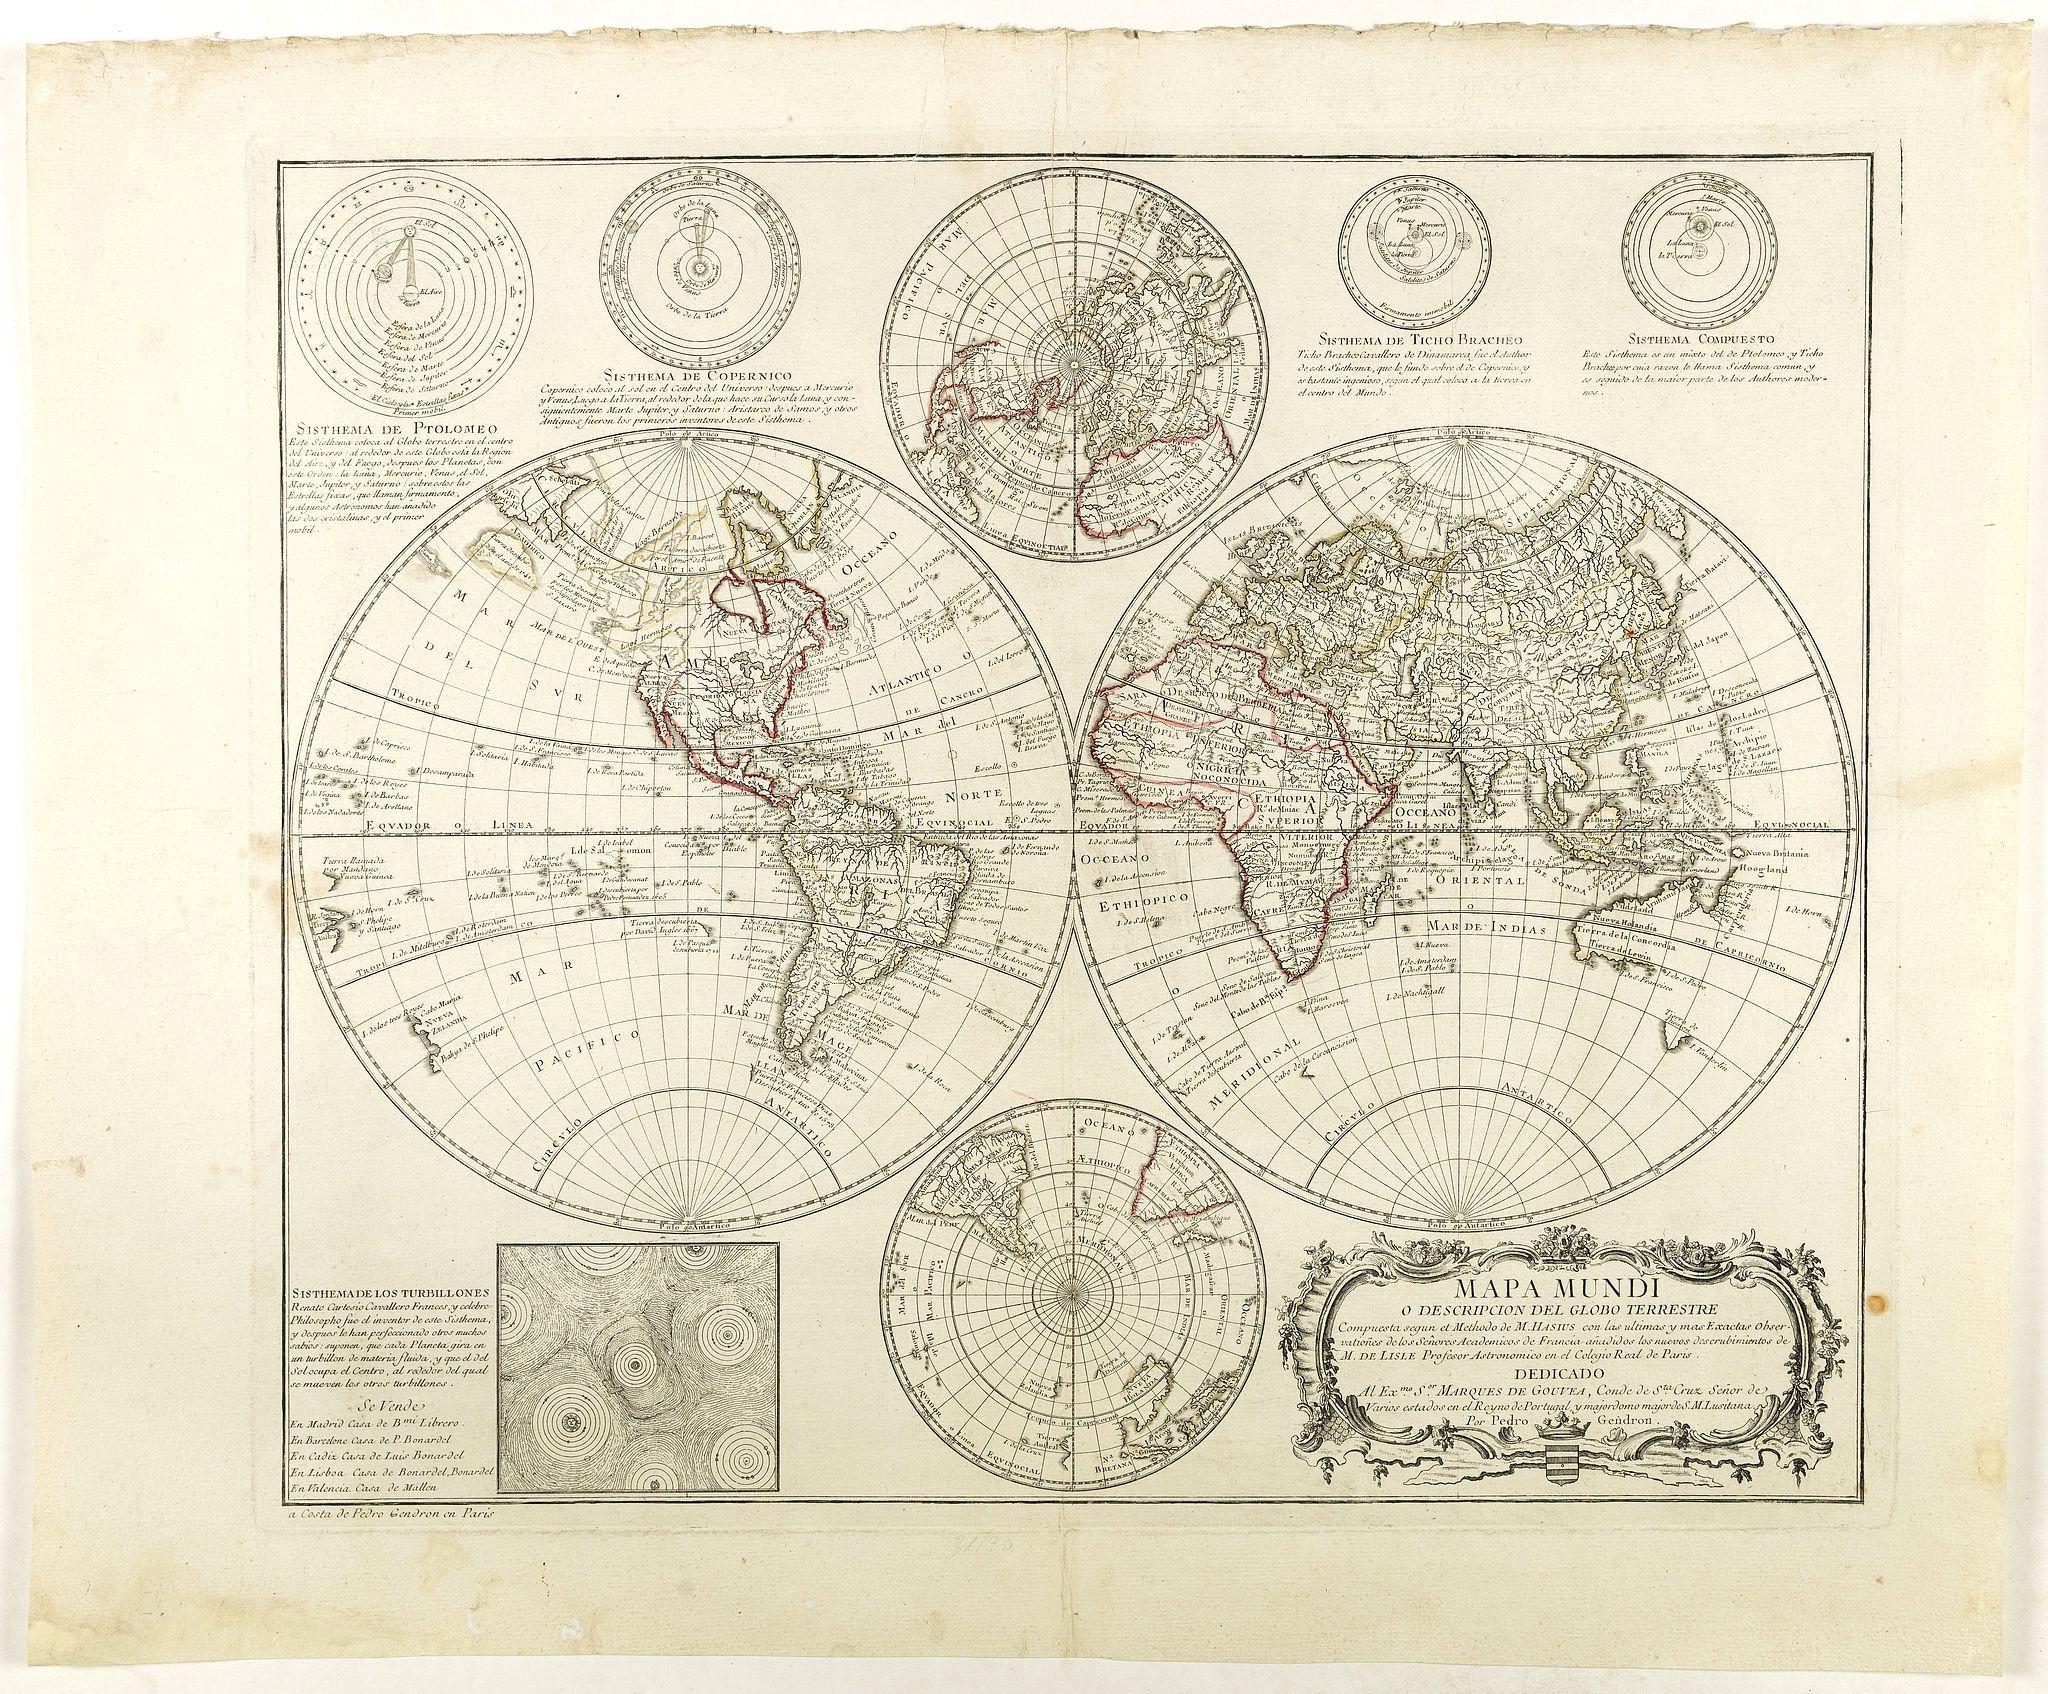 GENDRON, P. -  Mapa Mundi O Description Del Globo Terrestre Compuesta segun las ultimas y nuevas oserationes de las Academias, y de Parsi y de Londres . . .